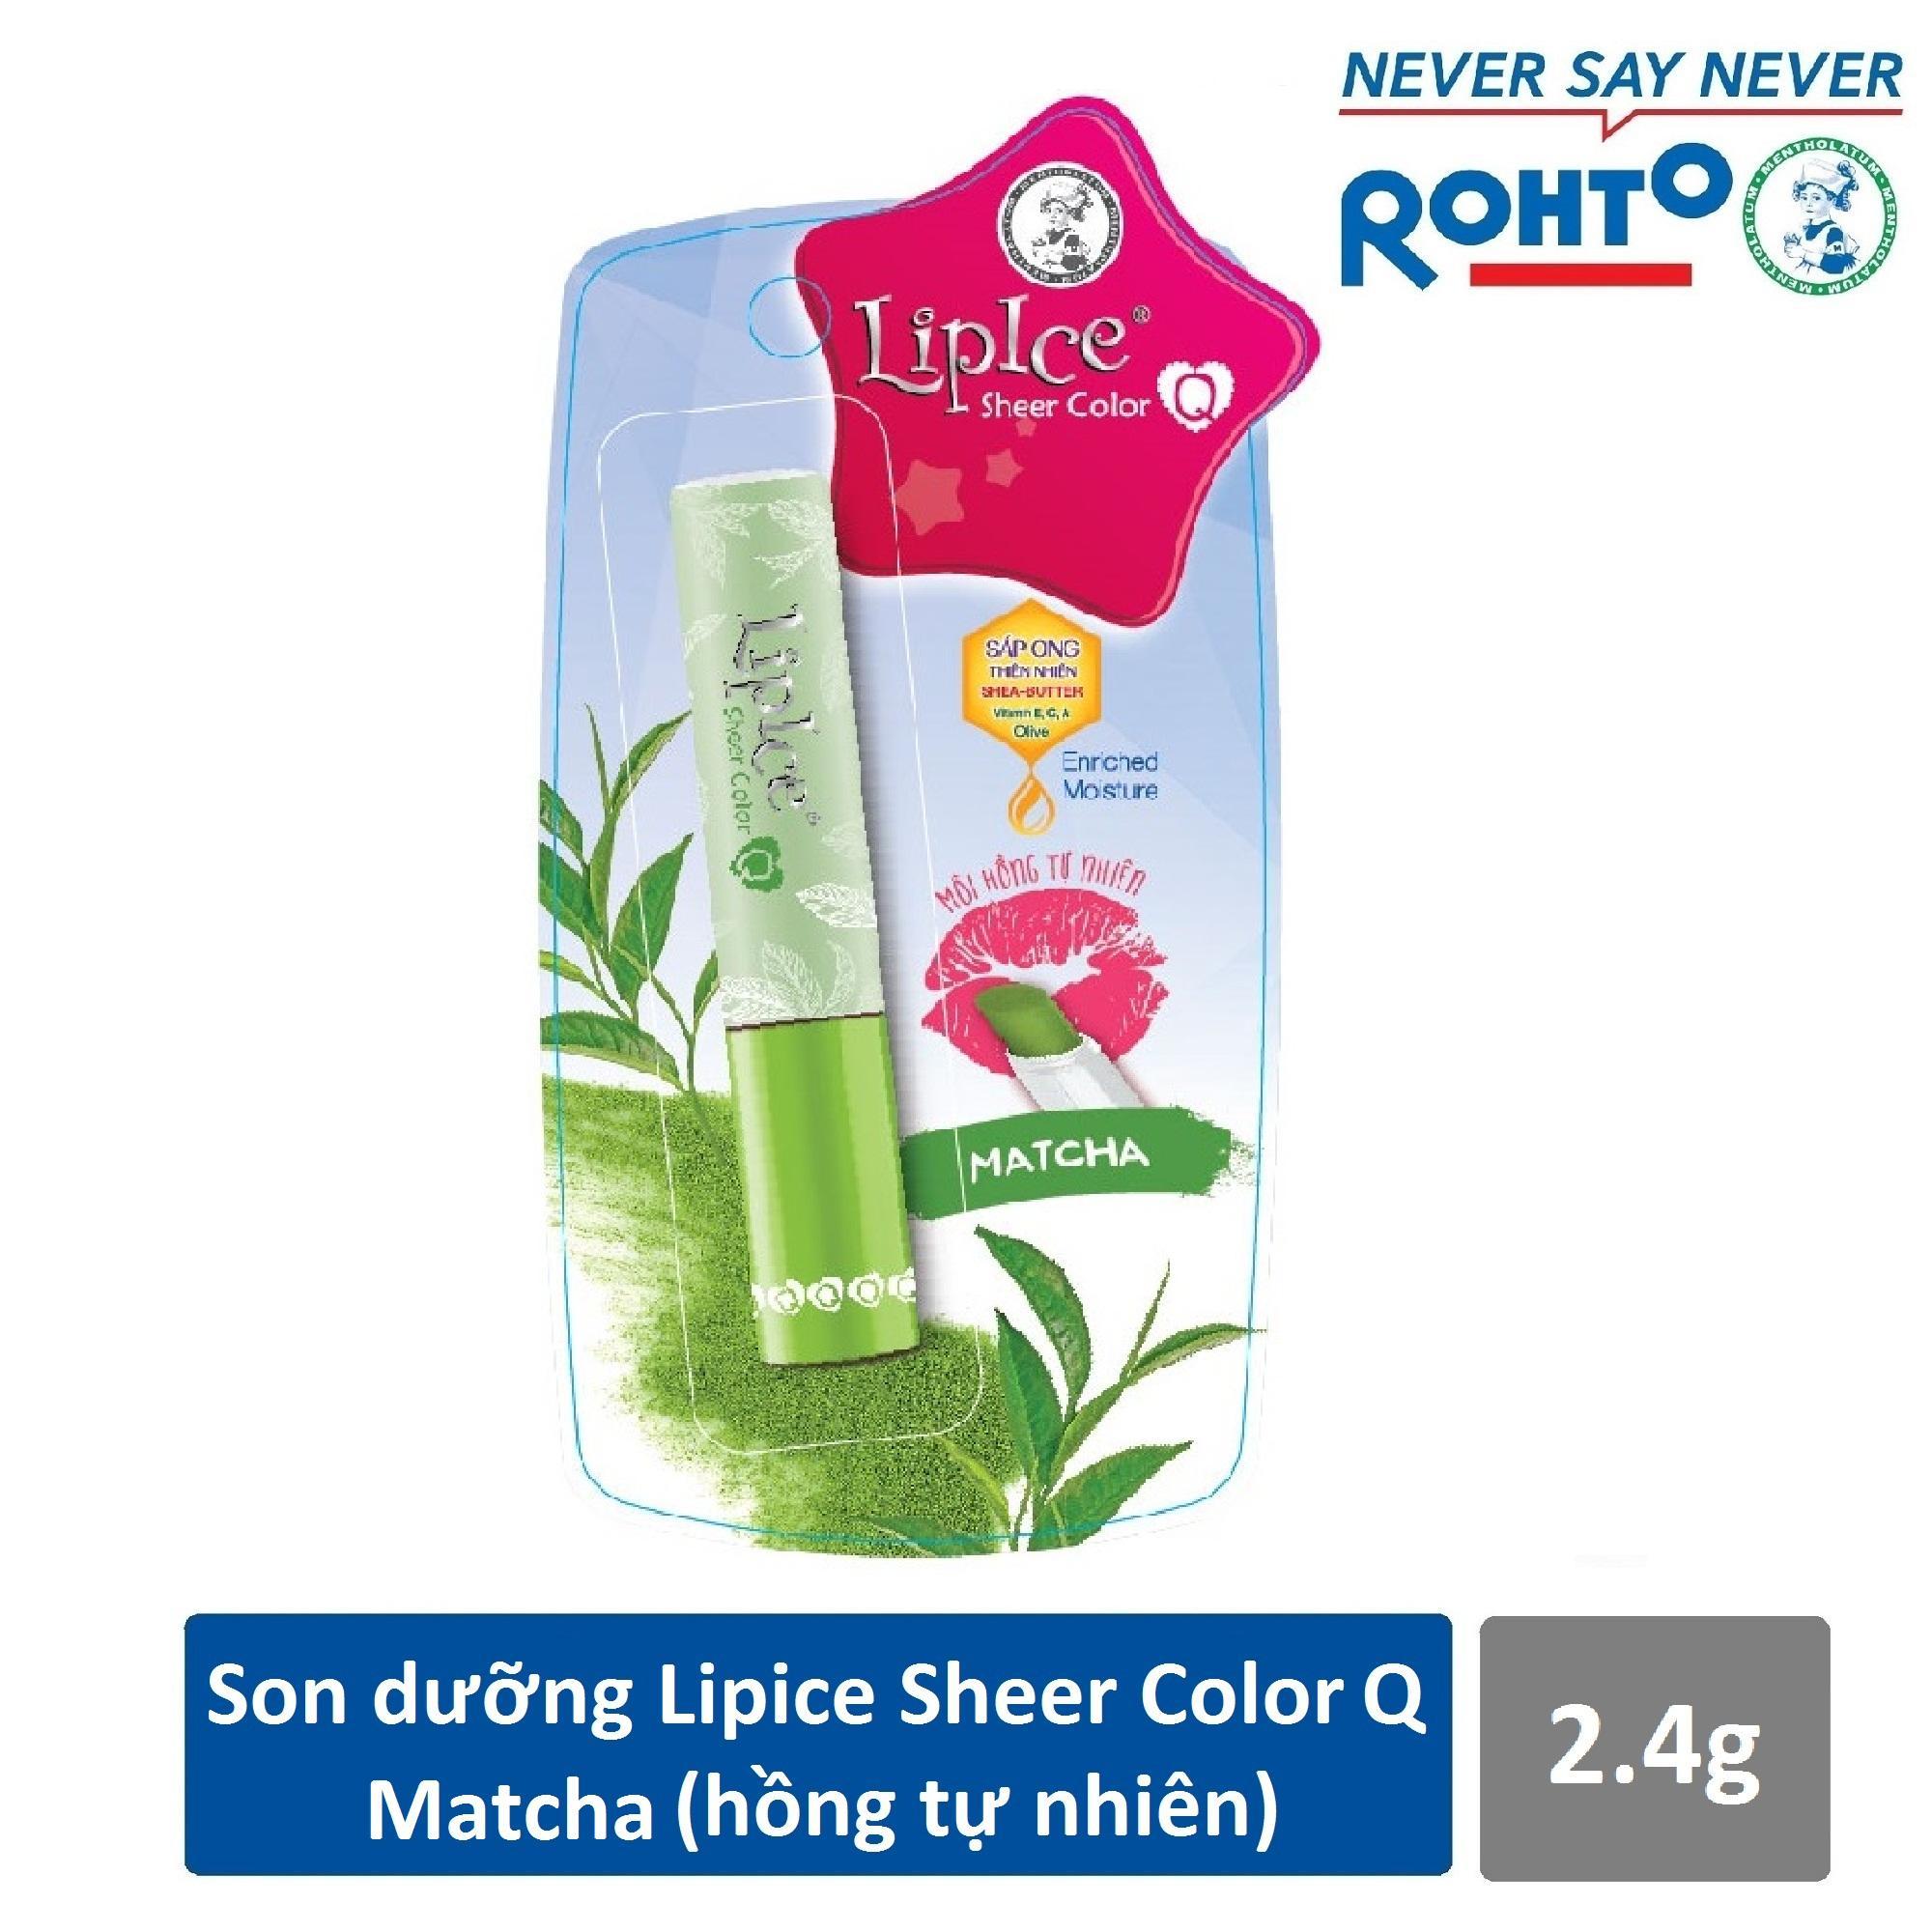 Son dưỡng Lipice Sheer Color Q Matcha 2.4g (Hồng tự nhiên)